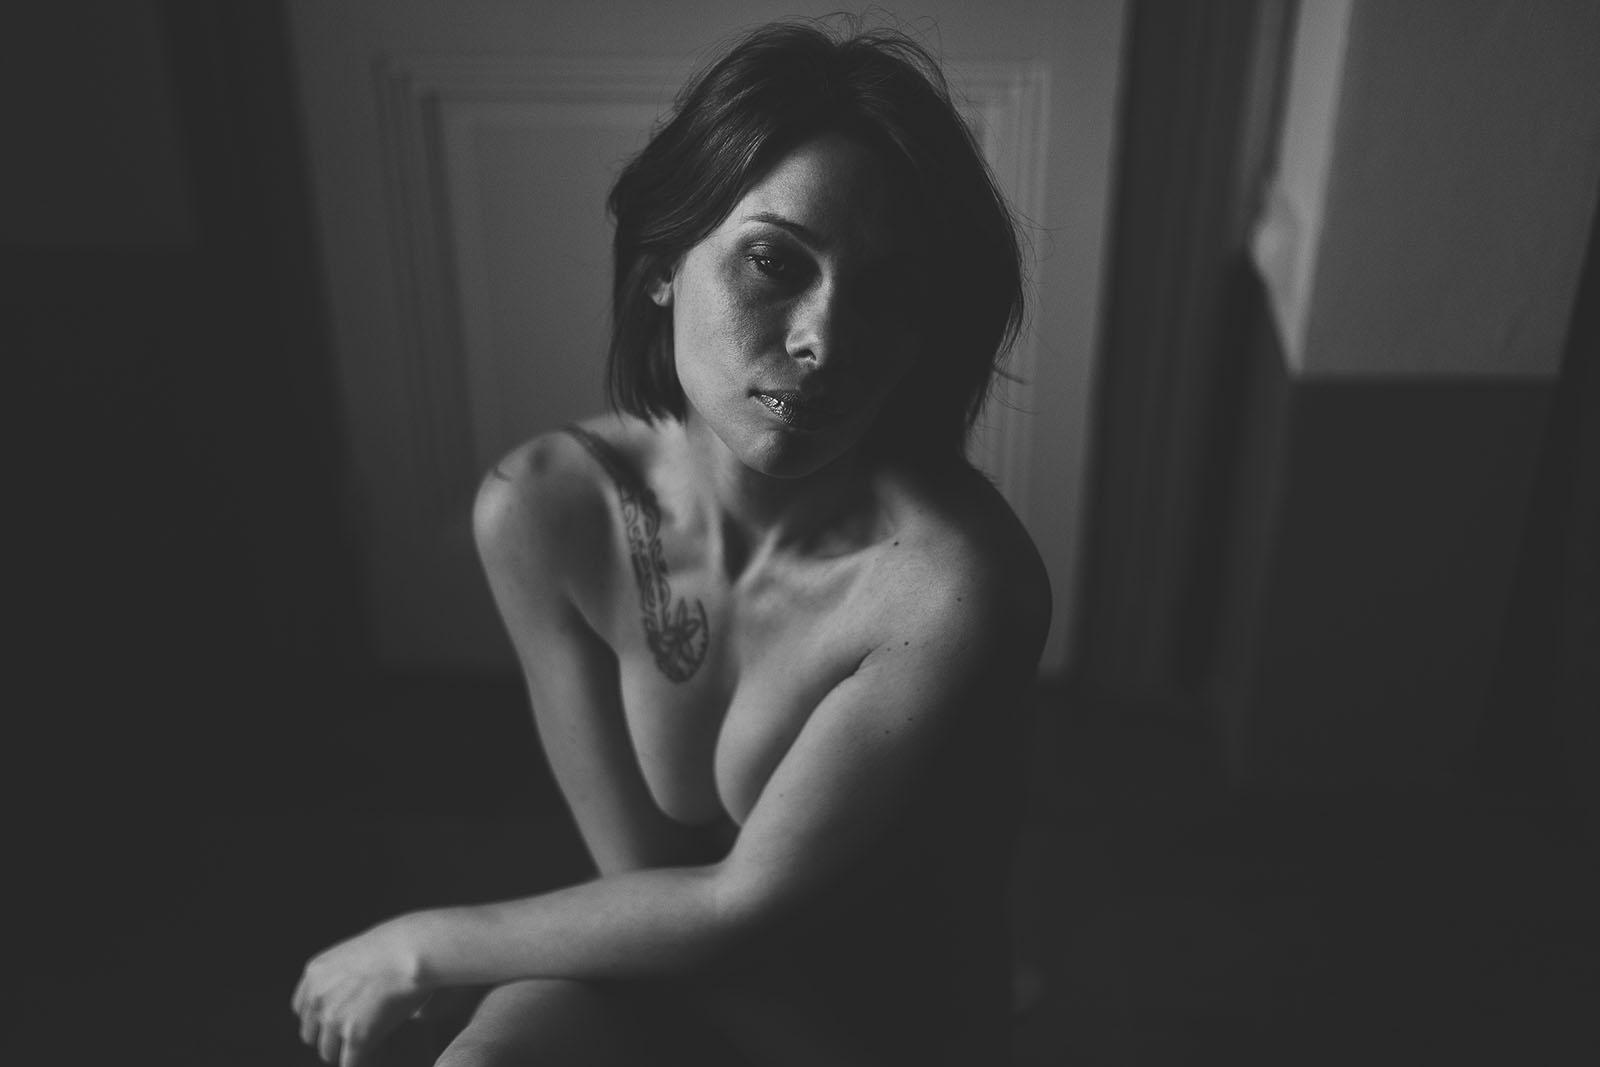 Séance glamour avec photographe à Lyon Sandrine un beau portrait glamour en noir et blanc plein de charme et sensualité. Blueberry corner photographe professionnel à Lyon et Clermont ferrand